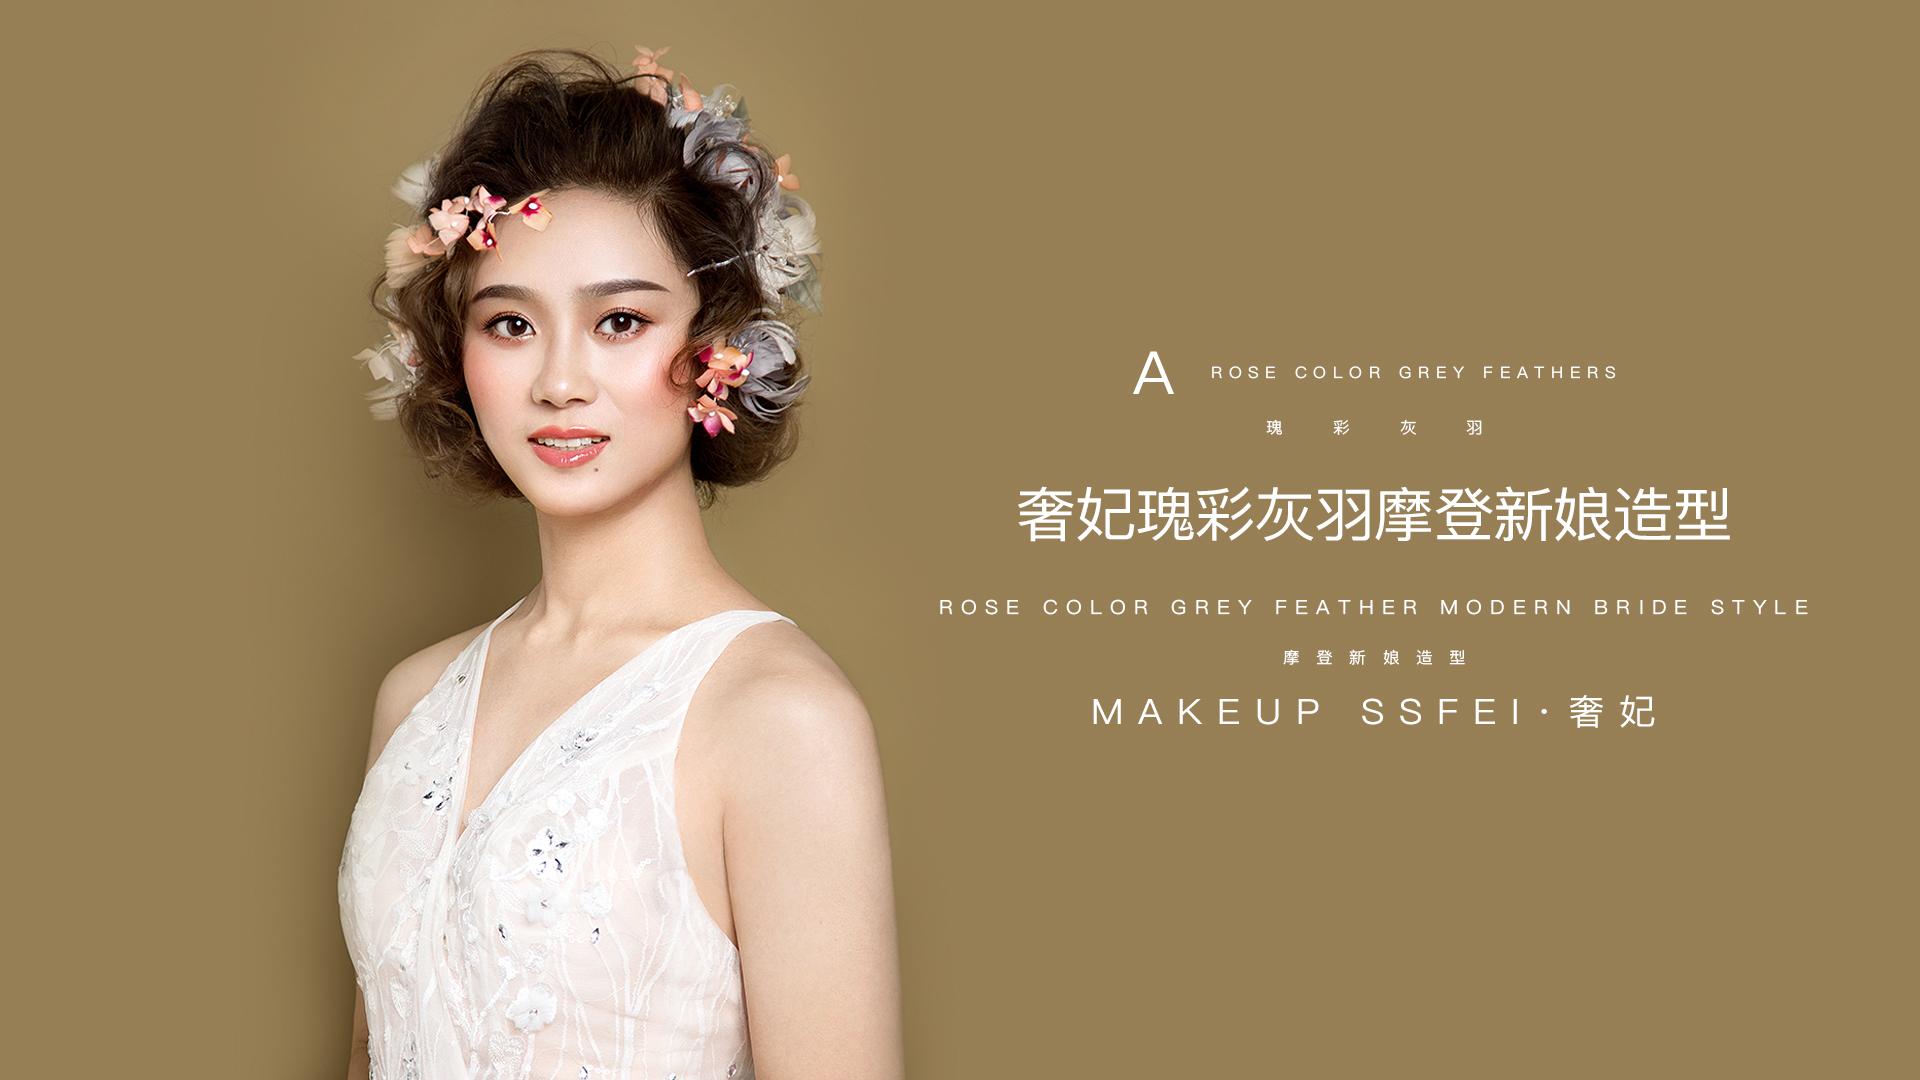 奢妃玫瑰灰羽摩登新娘造型教程视频